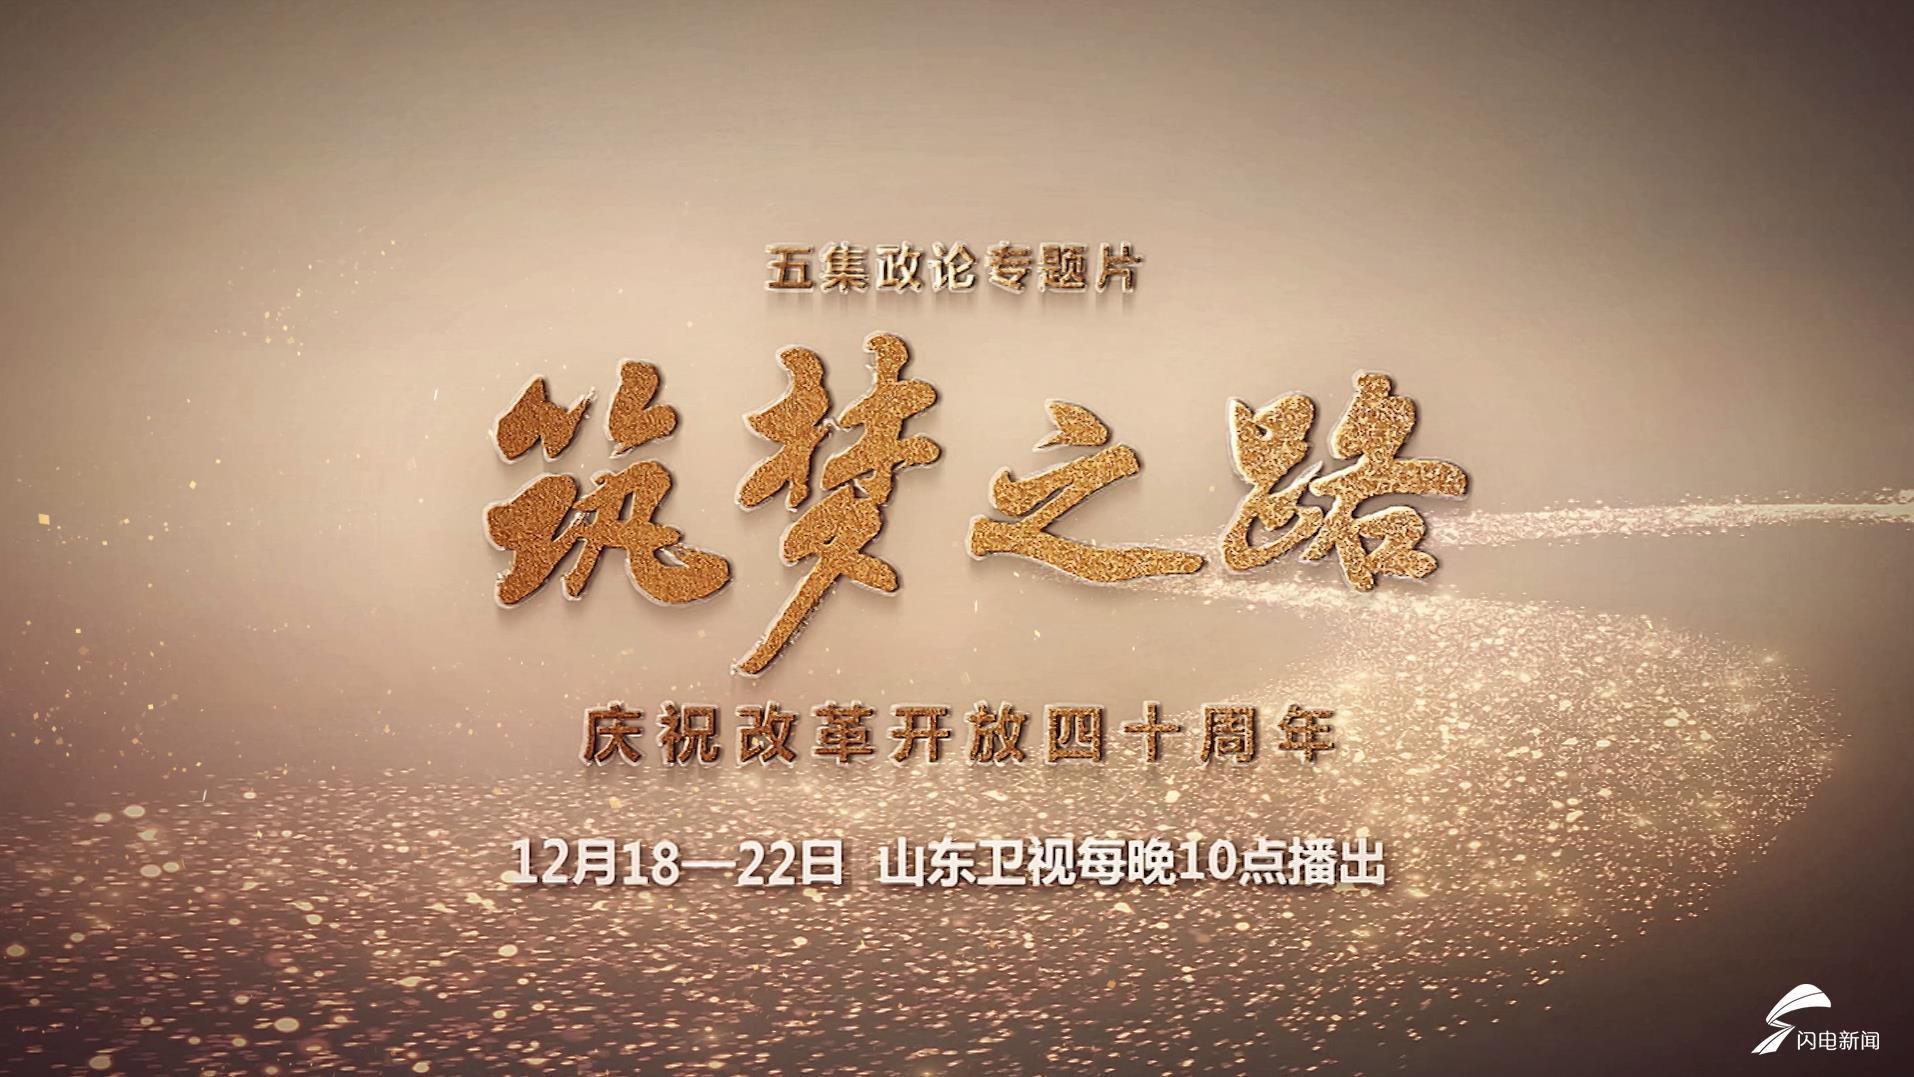 《筑梦之路》导演统筹李志欣:不疯魔 不出活